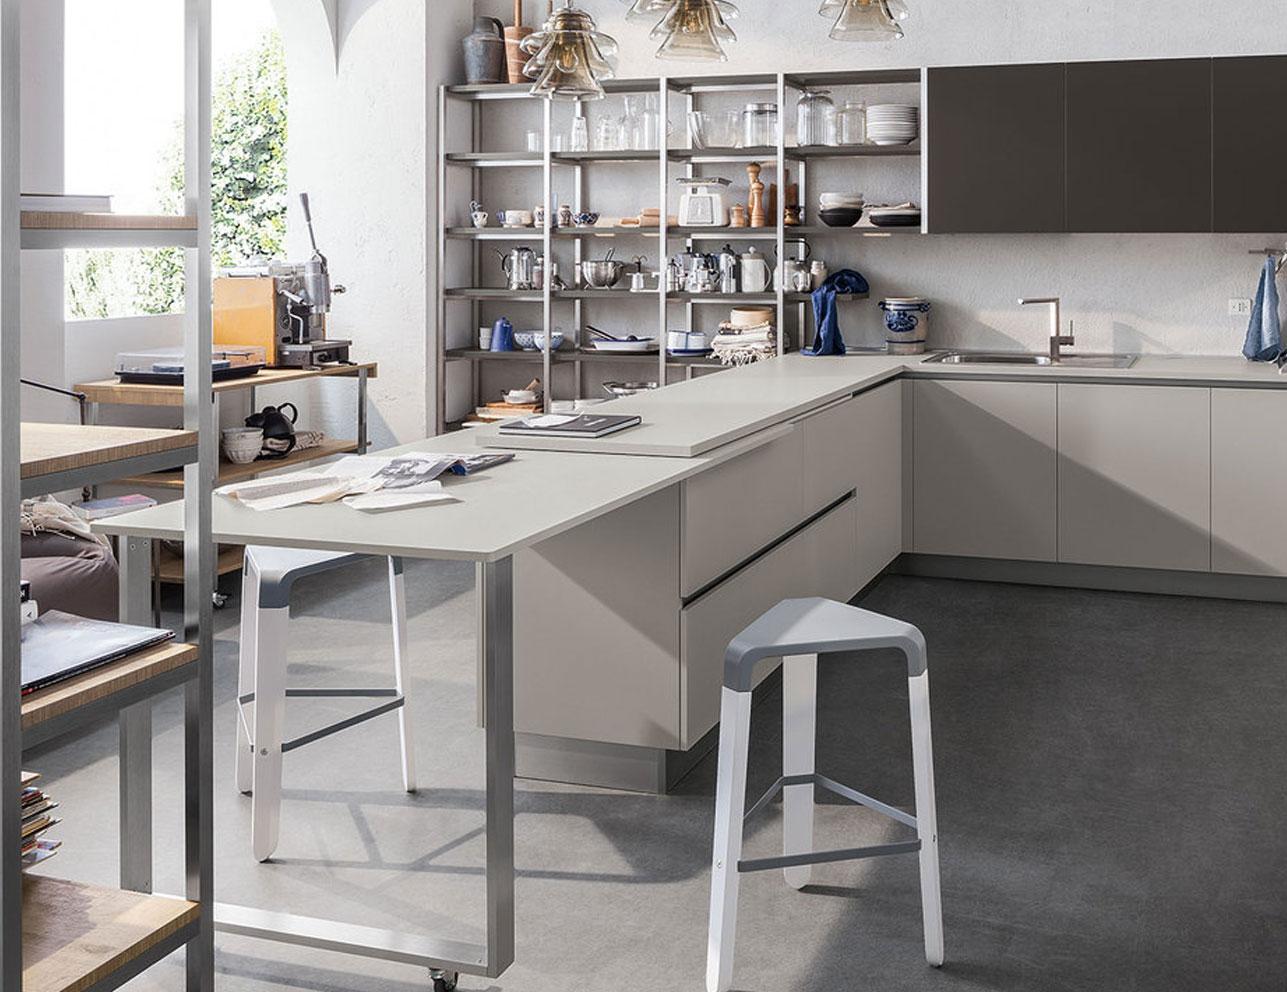 Veneta Cucine Vimercate: le soluzioni di Resnati Mobili